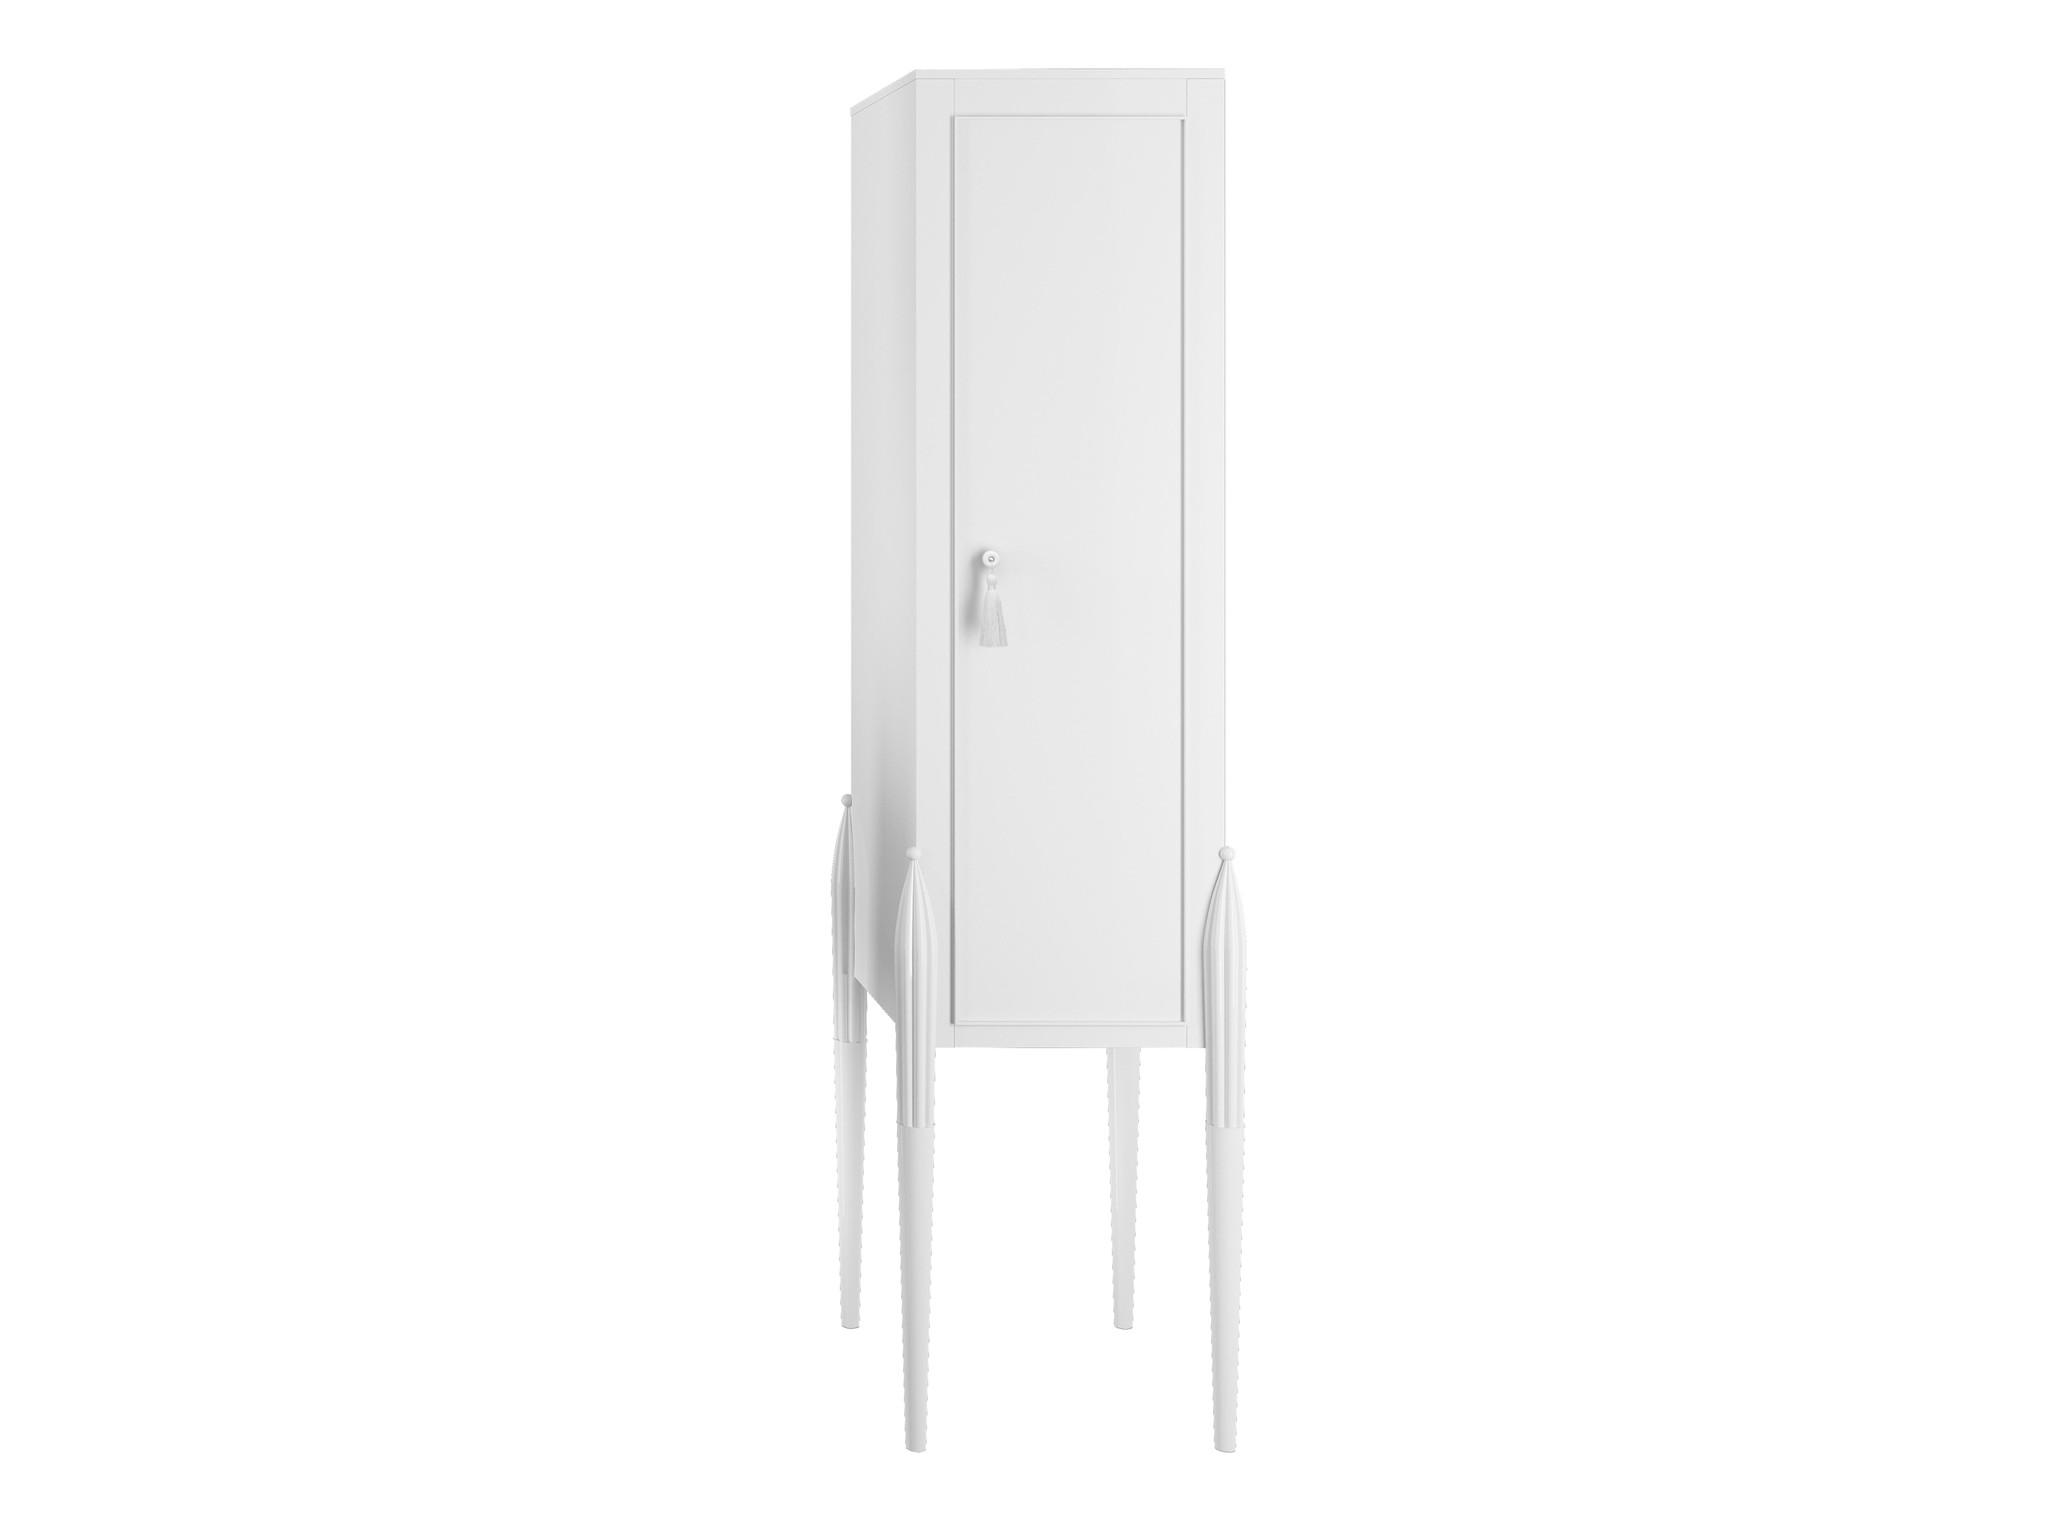 Пенал RuhlmannШкафчики для ванной<br>&amp;lt;div&amp;gt;Мебель не подвластная влиянию времени, чистые линии и изысканные геометрические формы, непоколебимое качество, выверенный и узнаваемый дизайн. Коллекция мебели RUHLMANN II OPAL - это история, искусно вплетенная в ткань современности. Коллекция посвящена Жаку-Эмилю Рульману выдающемуся французскому дизайнеру мебели и интерьеров. Яркому представителю направления ART DECO.&amp;amp;nbsp;&amp;lt;/div&amp;gt;&amp;lt;div&amp;gt;&amp;amp;nbsp; &amp;amp;nbsp; &amp;amp;nbsp; &amp;amp;nbsp; &amp;amp;nbsp; &amp;amp;nbsp; &amp;amp;nbsp; &amp;amp;nbsp; &amp;amp;nbsp; &amp;amp;nbsp; &amp;amp;nbsp; &amp;amp;nbsp; &amp;amp;nbsp; &amp;amp;nbsp; &amp;amp;nbsp; &amp;amp;nbsp; &amp;amp;nbsp; &amp;amp;nbsp; &amp;amp;nbsp; &amp;amp;nbsp; &amp;amp;nbsp; &amp;amp;nbsp; &amp;amp;nbsp; &amp;amp;nbsp; &amp;amp;nbsp; &amp;amp;nbsp; &amp;amp;nbsp; &amp;amp;nbsp; &amp;amp;nbsp; &amp;amp;nbsp; &amp;amp;nbsp; &amp;amp;nbsp; &amp;amp;nbsp; &amp;amp;nbsp; &amp;amp;nbsp; &amp;amp;nbsp; &amp;amp;nbsp; &amp;amp;nbsp; &amp;amp;nbsp; &amp;amp;nbsp; &amp;amp;nbsp; &amp;amp;nbsp; &amp;amp;nbsp; &amp;amp;nbsp; &amp;amp;nbsp; &amp;amp;nbsp; &amp;amp;nbsp; &amp;amp;nbsp; &amp;amp;nbsp; &amp;amp;nbsp; &amp;amp;nbsp; &amp;amp;nbsp; &amp;amp;nbsp; &amp;amp;nbsp; &amp;amp;nbsp; &amp;amp;nbsp; &amp;amp;nbsp; &amp;amp;nbsp; &amp;amp;nbsp; &amp;amp;nbsp; &amp;amp;nbsp; &amp;amp;nbsp; &amp;amp;nbsp; &amp;amp;nbsp; &amp;amp;nbsp; &amp;amp;nbsp; &amp;amp;nbsp; &amp;amp;nbsp;&amp;amp;nbsp;&amp;lt;/div&amp;gt;&amp;lt;div&amp;gt;Корпус мебели выполнен из МДФ с влагостойкой пропиткой (Италия), ножки из массива Бука. &amp;amp;nbsp; &amp;amp;nbsp; &amp;amp;nbsp; &amp;amp;nbsp; &amp;amp;nbsp; &amp;amp;nbsp; &amp;amp;nbsp; &amp;amp;nbsp; &amp;amp;nbsp; &amp;amp;nbsp; &amp;amp;nbsp; &amp;amp;nbsp; &amp;amp;nbsp; &amp;amp;nbsp; &amp;amp;nbsp; &amp;amp;nbsp; &amp;amp;nbsp; &amp;amp;nbsp; &amp;amp;nbsp; &amp;amp;nbsp; &amp;amp;nbsp; &amp;amp;nbsp; &amp;amp;nbsp; &amp;amp;nbsp;